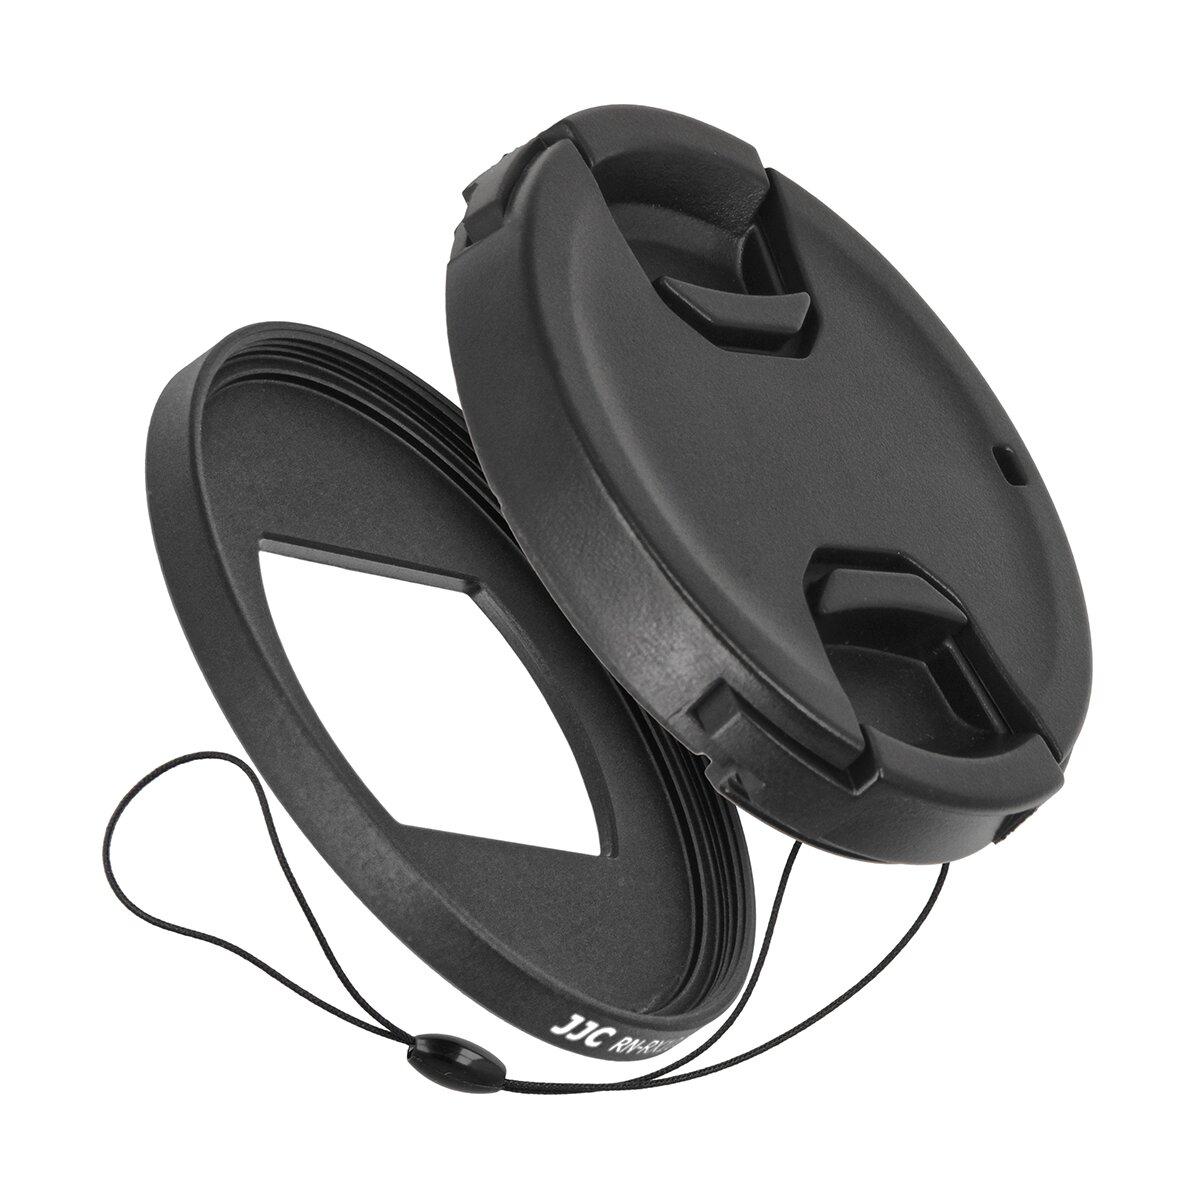 Impulsfoto 4 Teiliges Filteradapter und Objektivdeckel-Set kompatibel für Sony RX100 VI , mit Smart Snap Funktion und praktischer Sicherungskordel 52mm Umfang